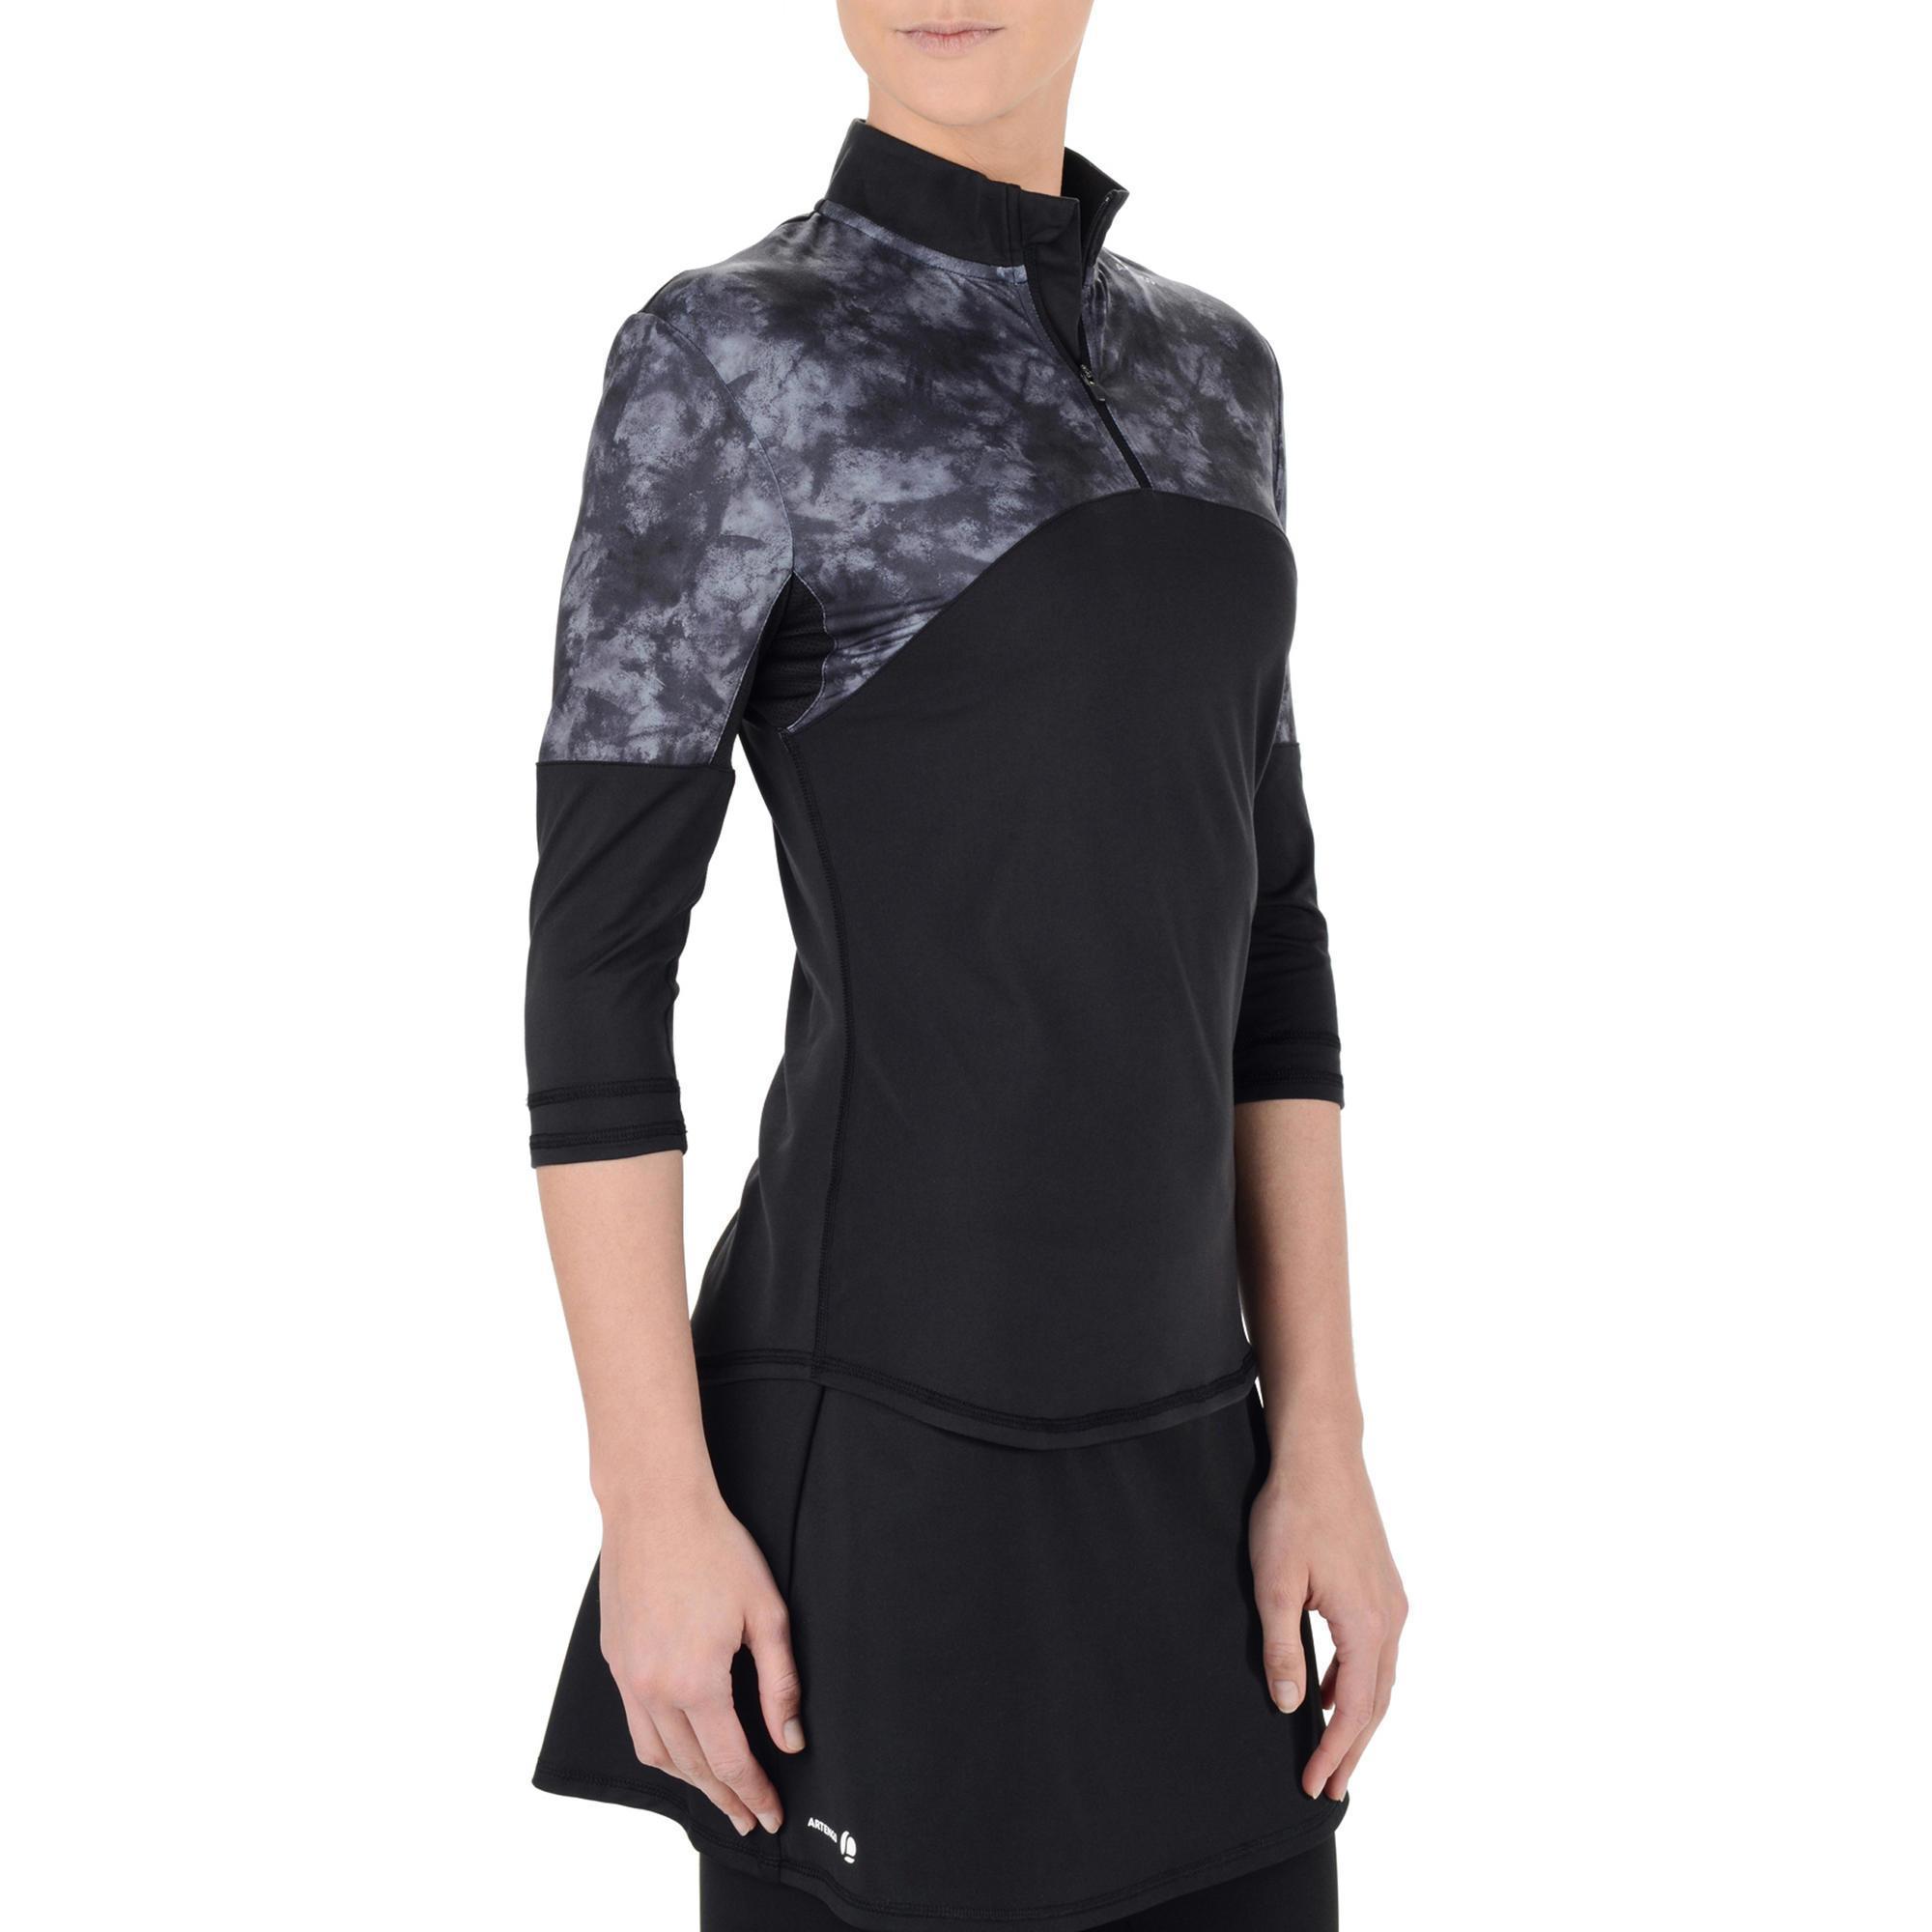 0f4b1c2a1 Comprar Camisetas y Mallas Térmicas de mujer | Decathlon